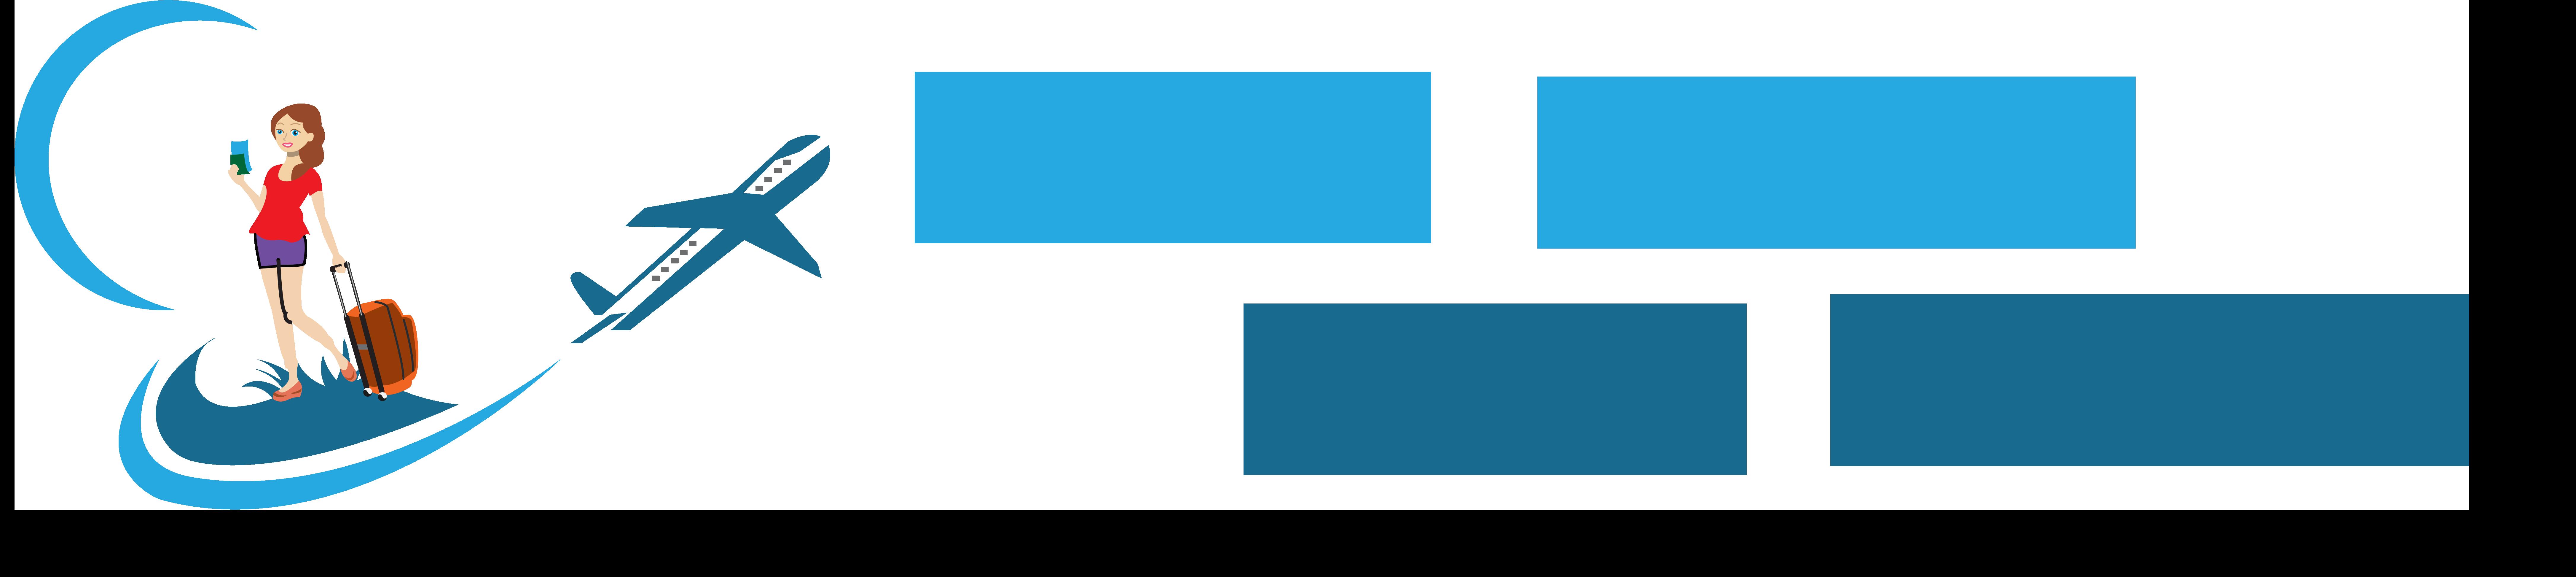 Nana Travel